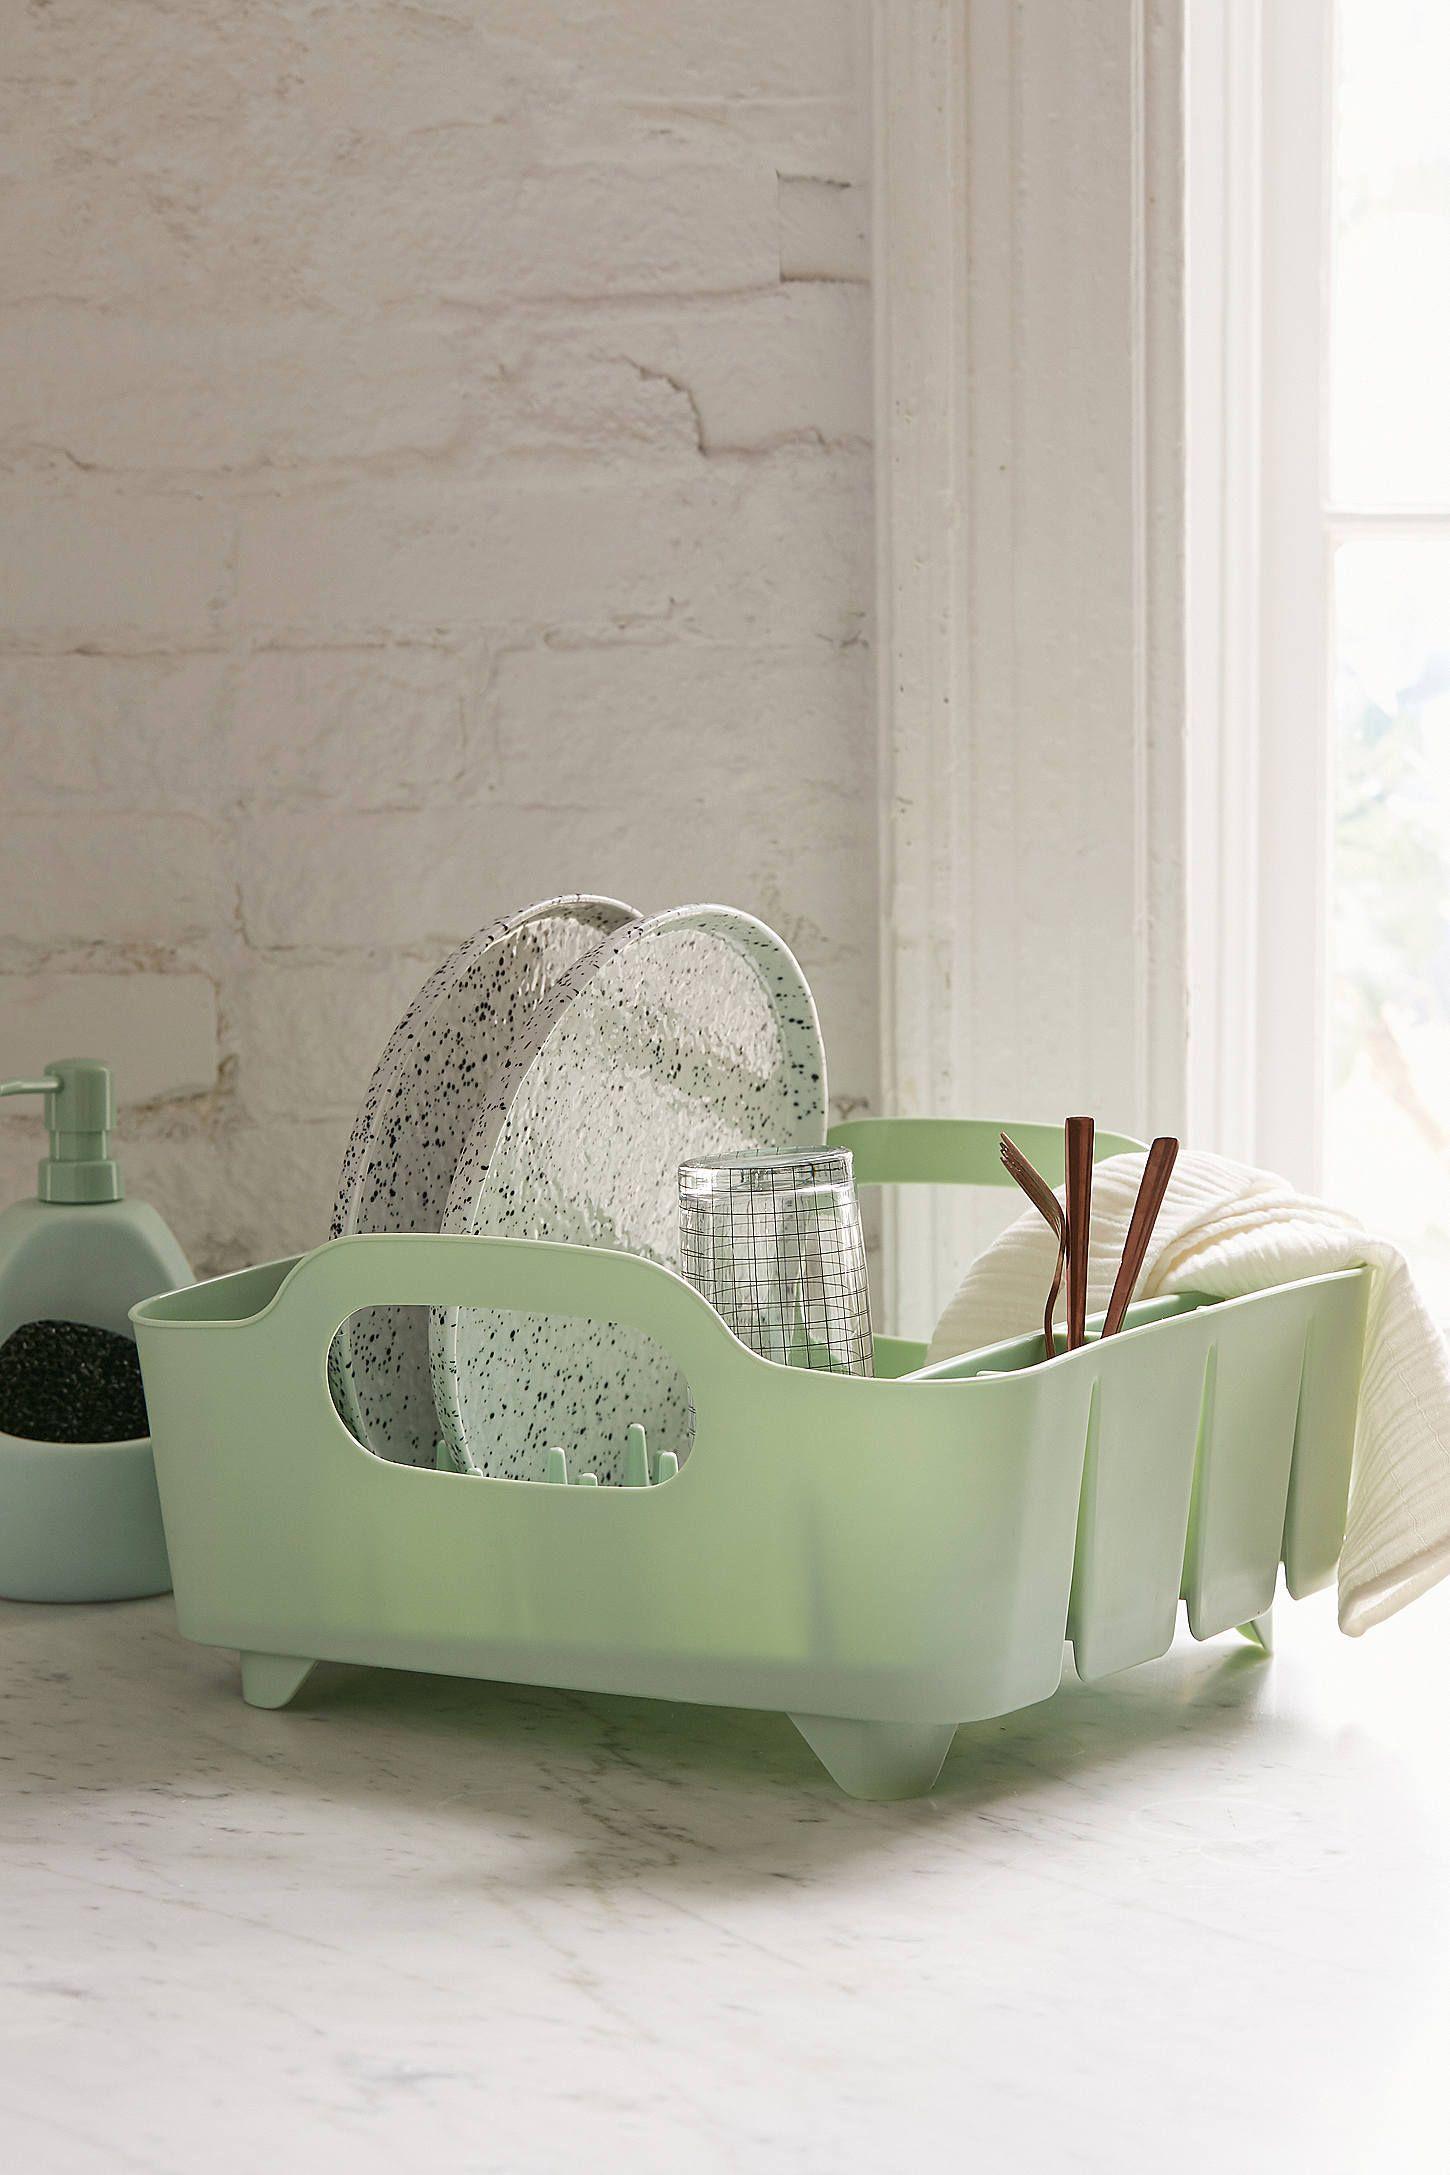 Tub Dish Drying Rack